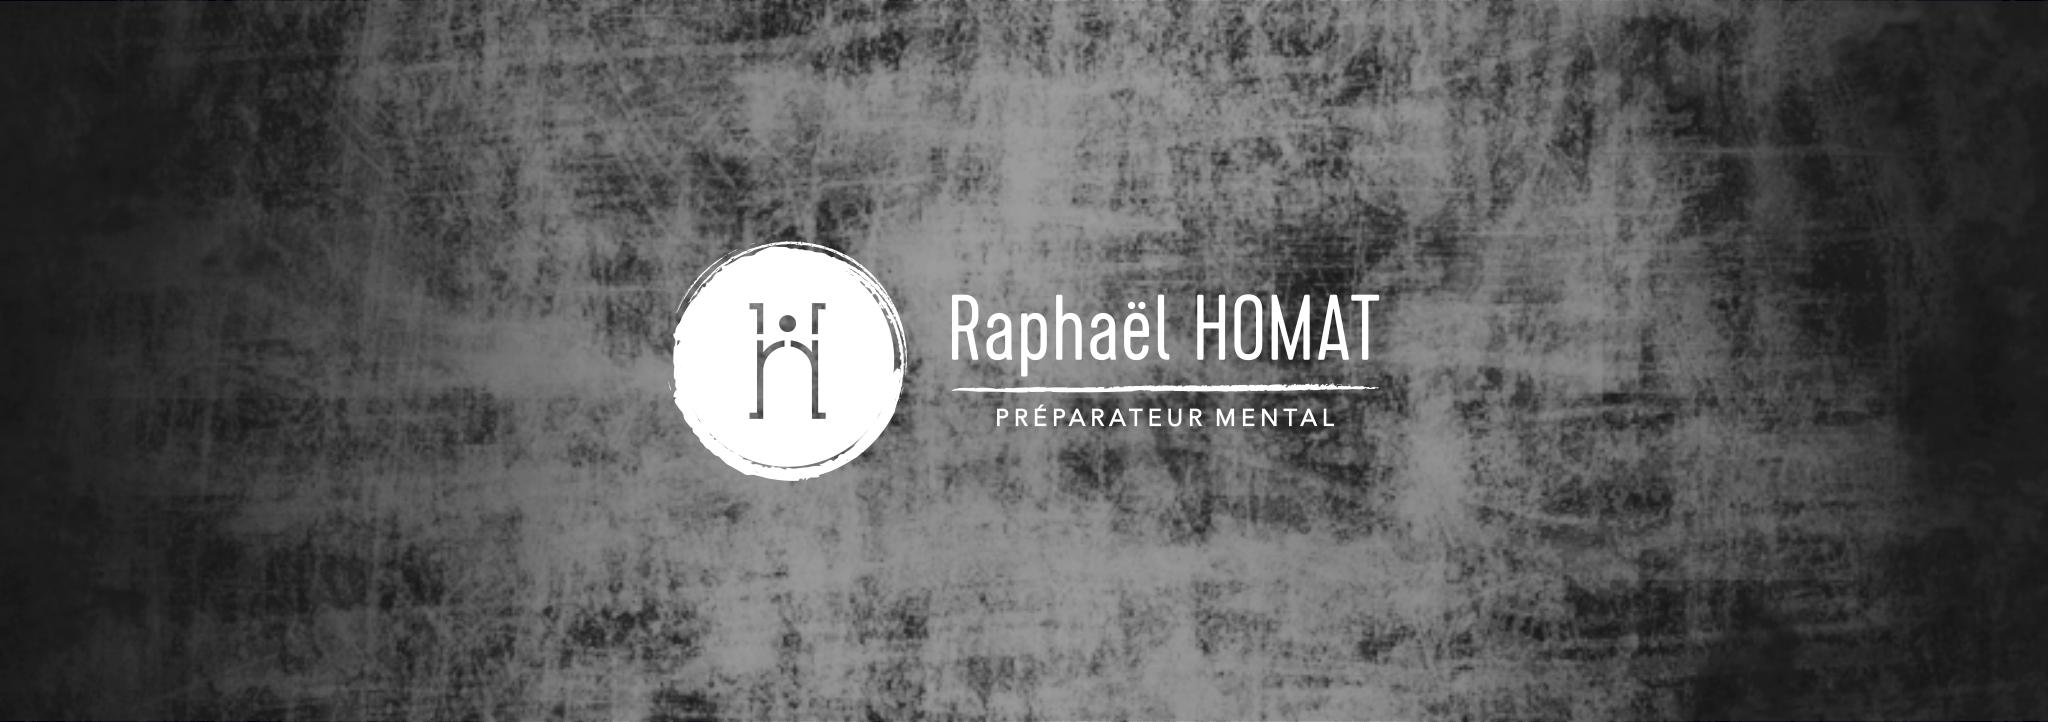 Formations Raphaël Homat